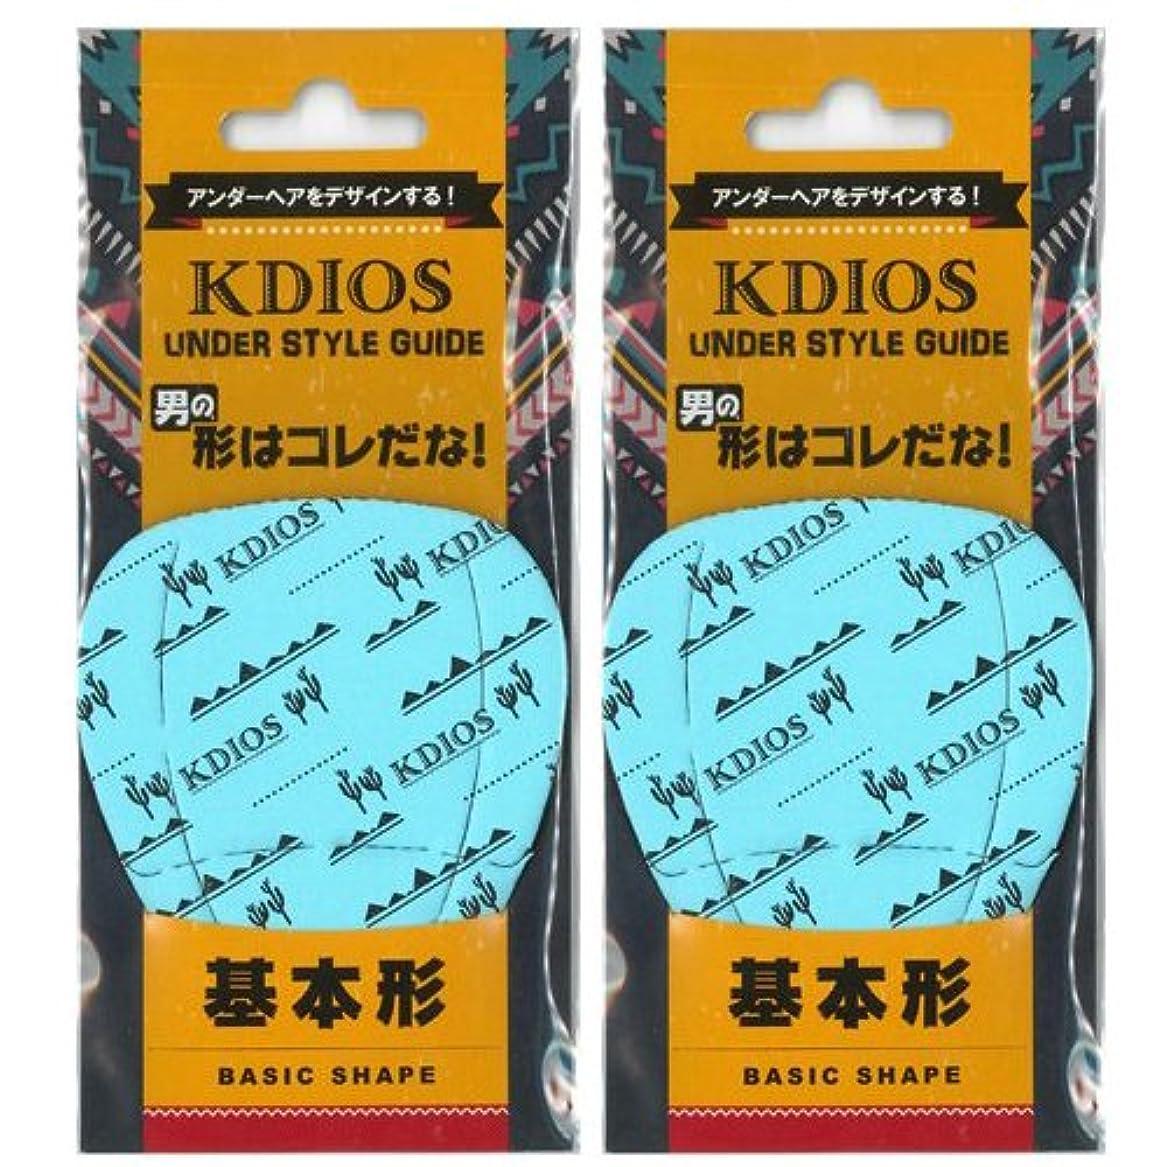 口実木製増強KDIOS(ケディオス) アンダースタイルガイド 「基本形」 FOR MEN ×2個セット